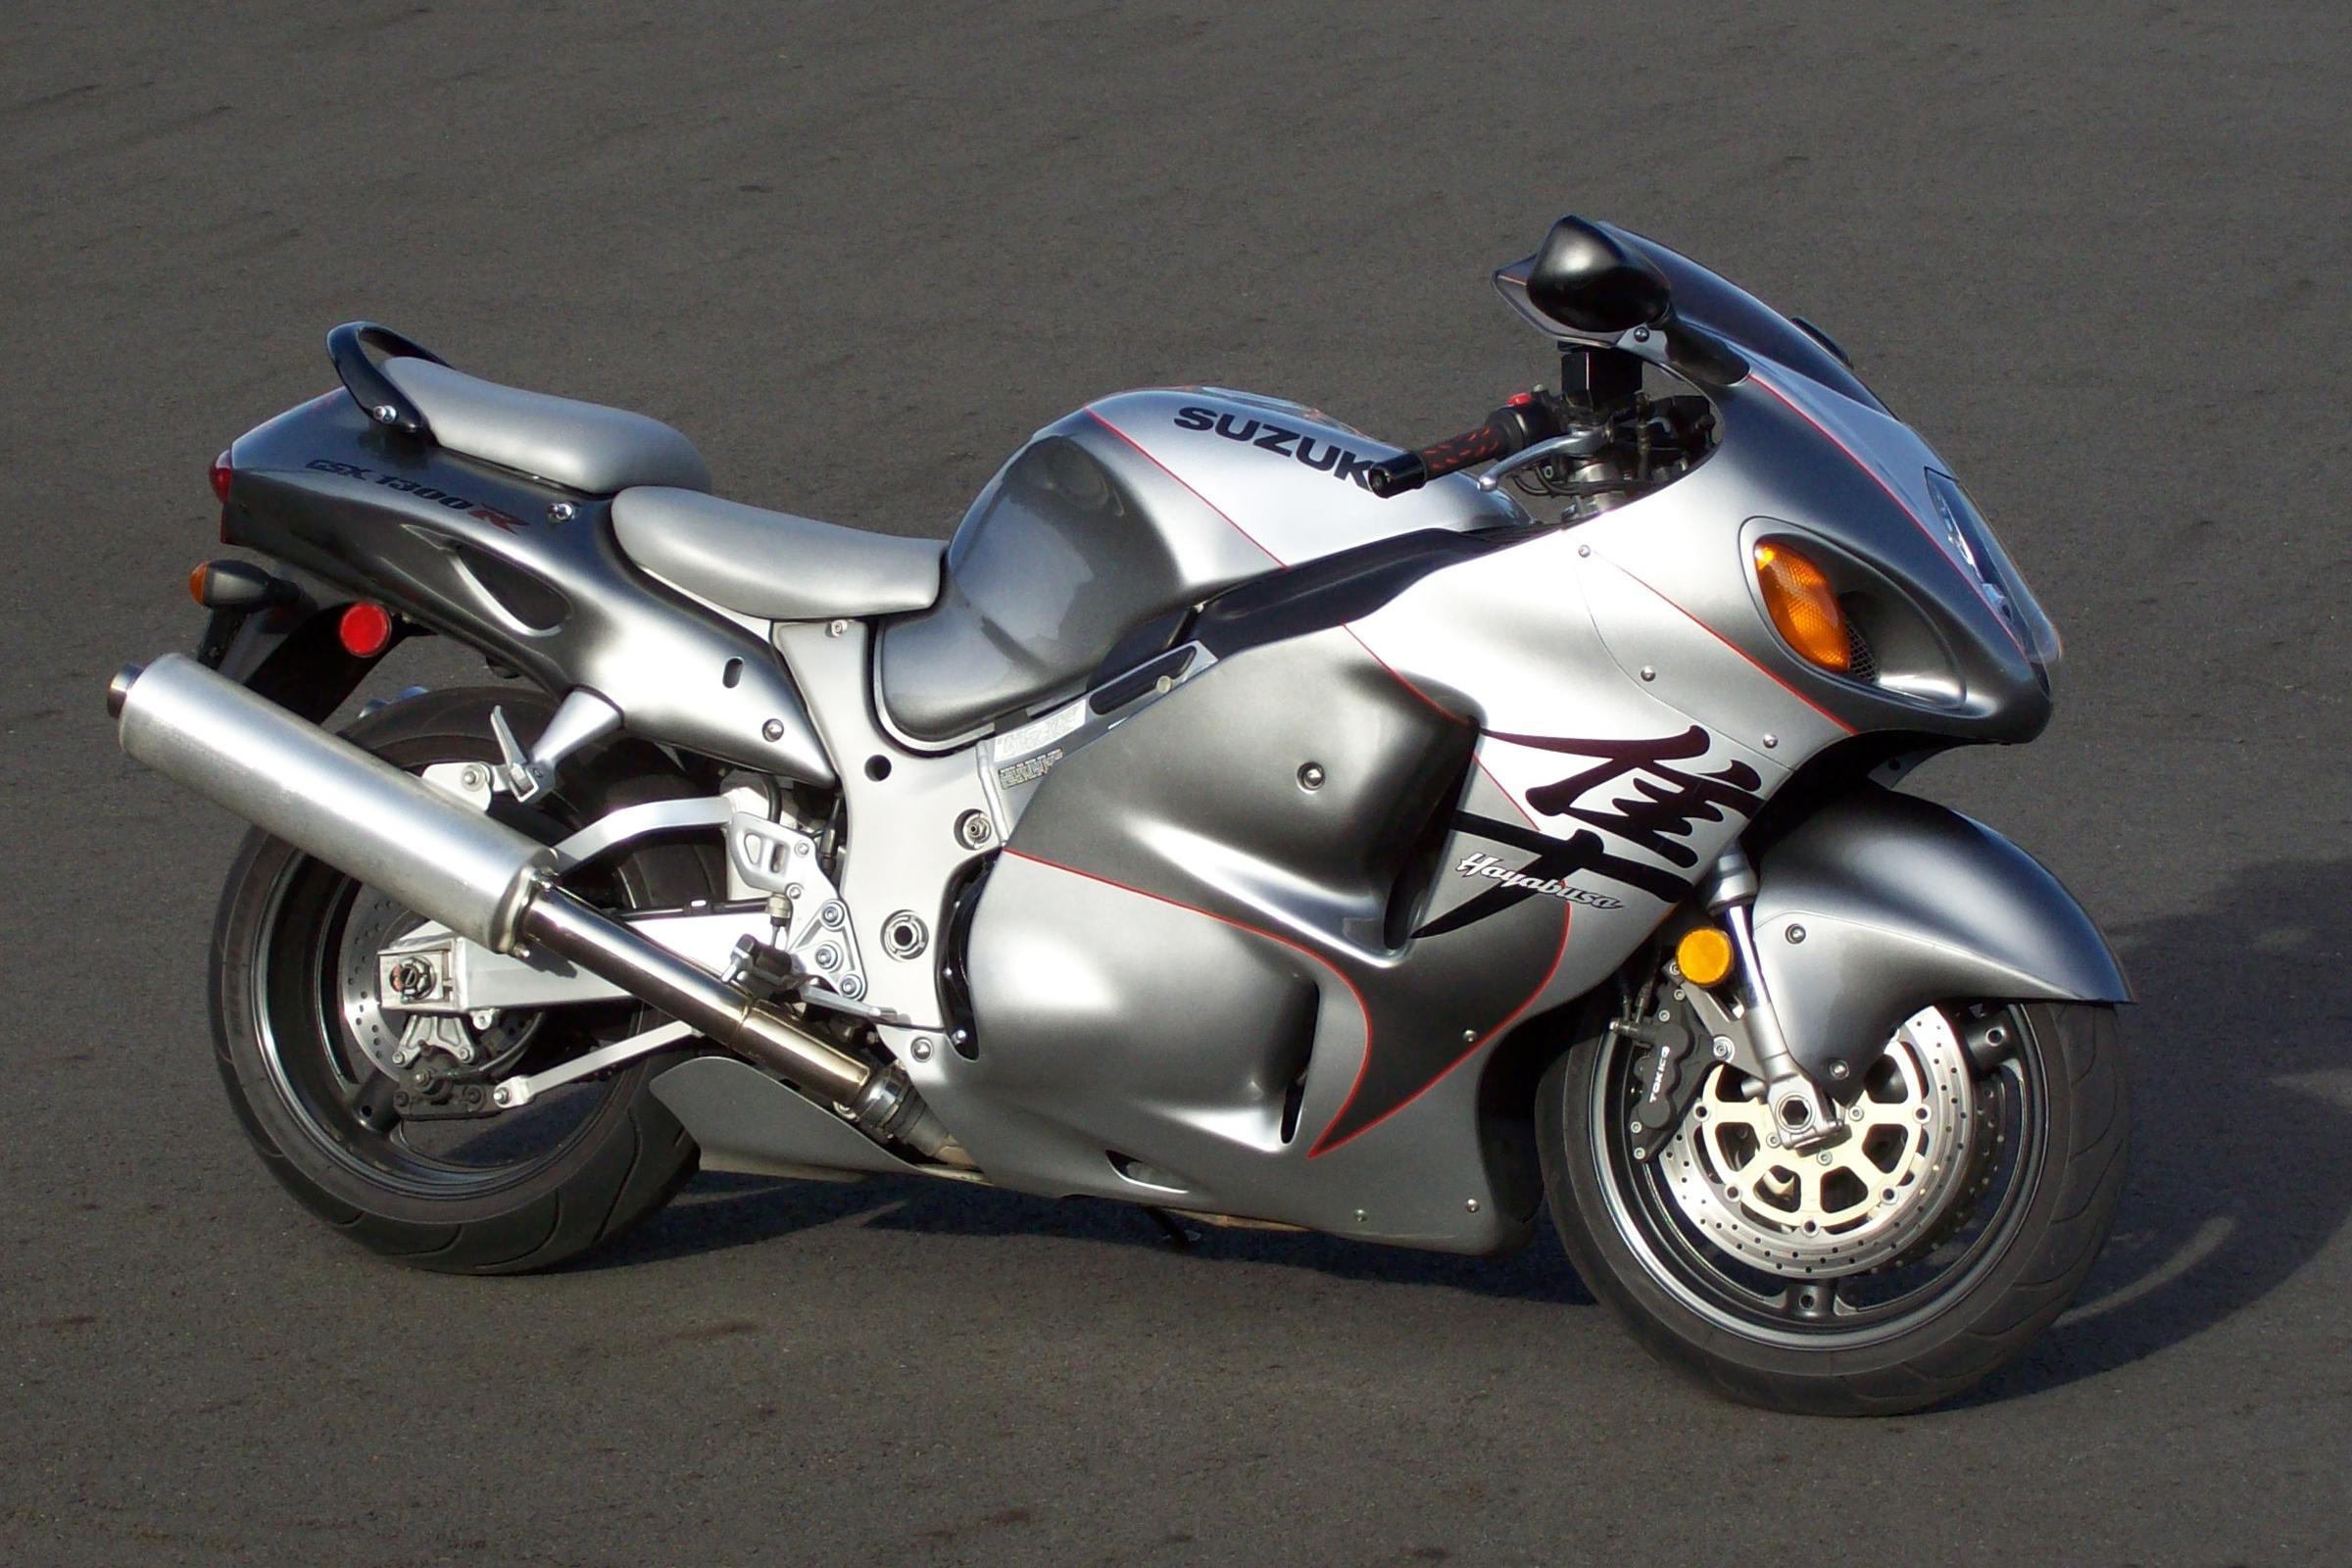 Самые крутые мотоциклы - Suzuki Hayabusa 1300R